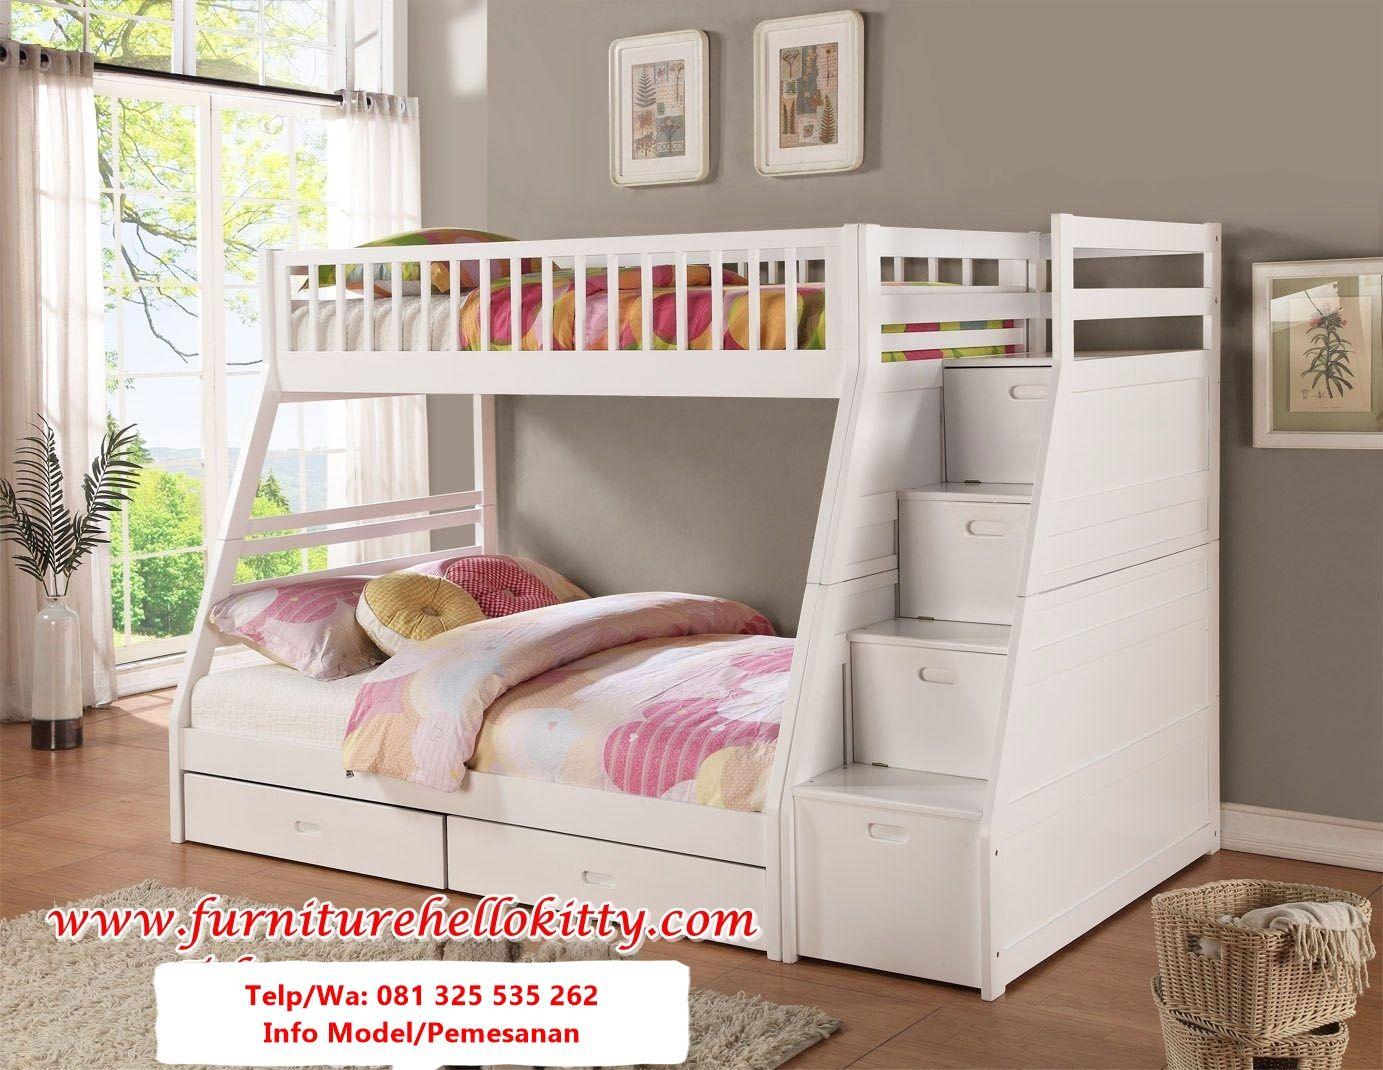 Tempat Tidur Tingkat Susun Anak Anak Di 2020 Tempat Tidur Laci Tempat Tidur Tingkat Tempat Tidur Anak Tempat tidur anak 2 tingkat